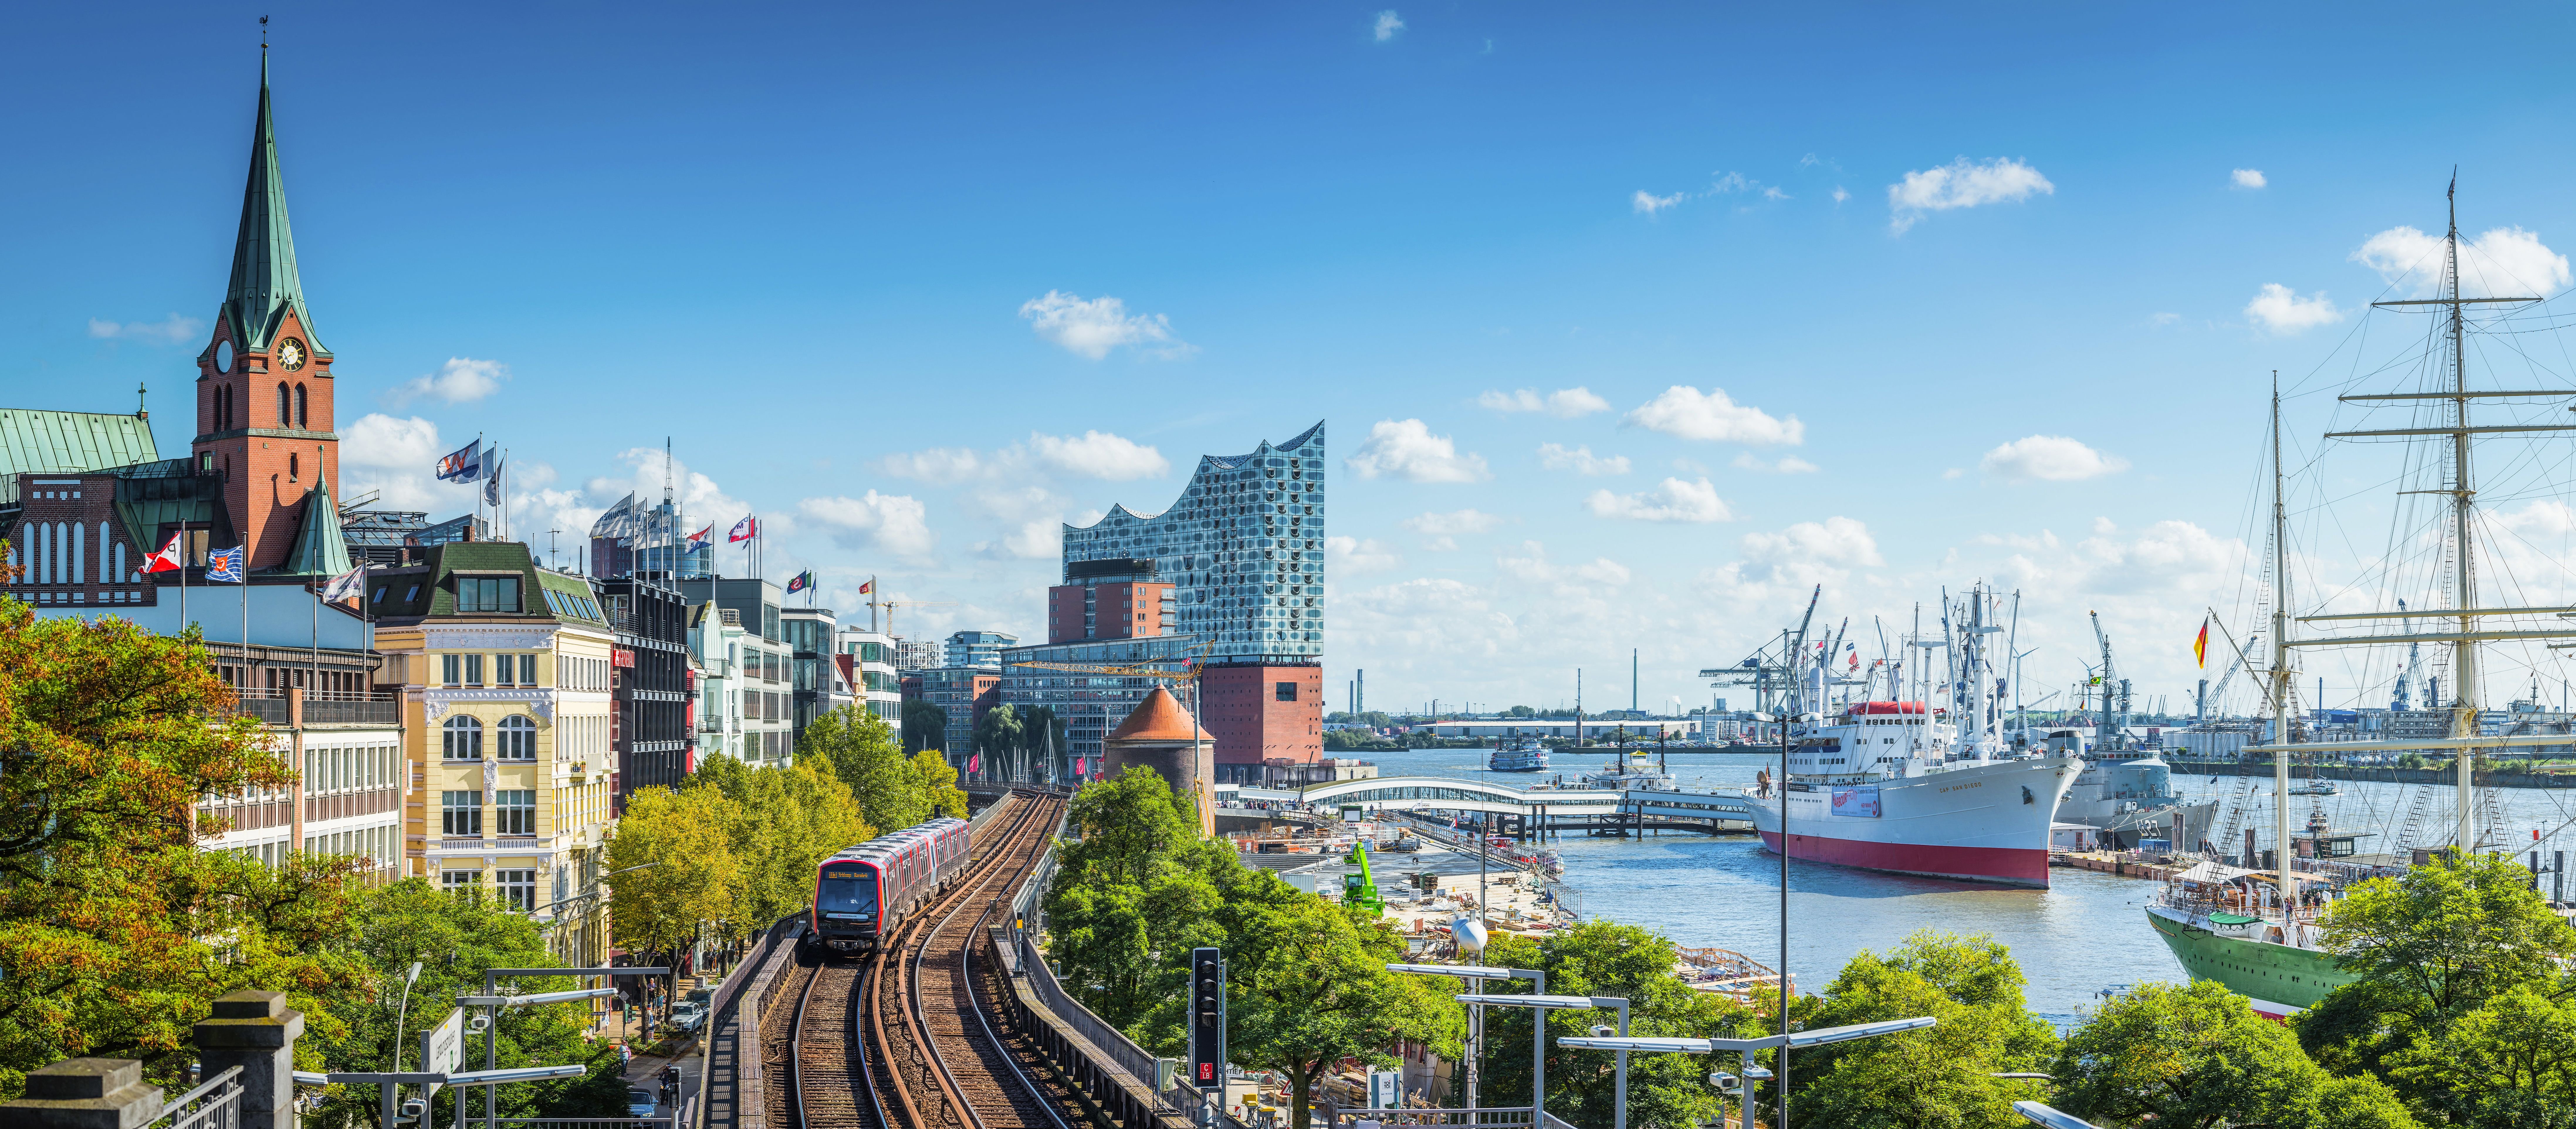 Panoramablick über die Uferpromenade der Hamburger Innenstadt